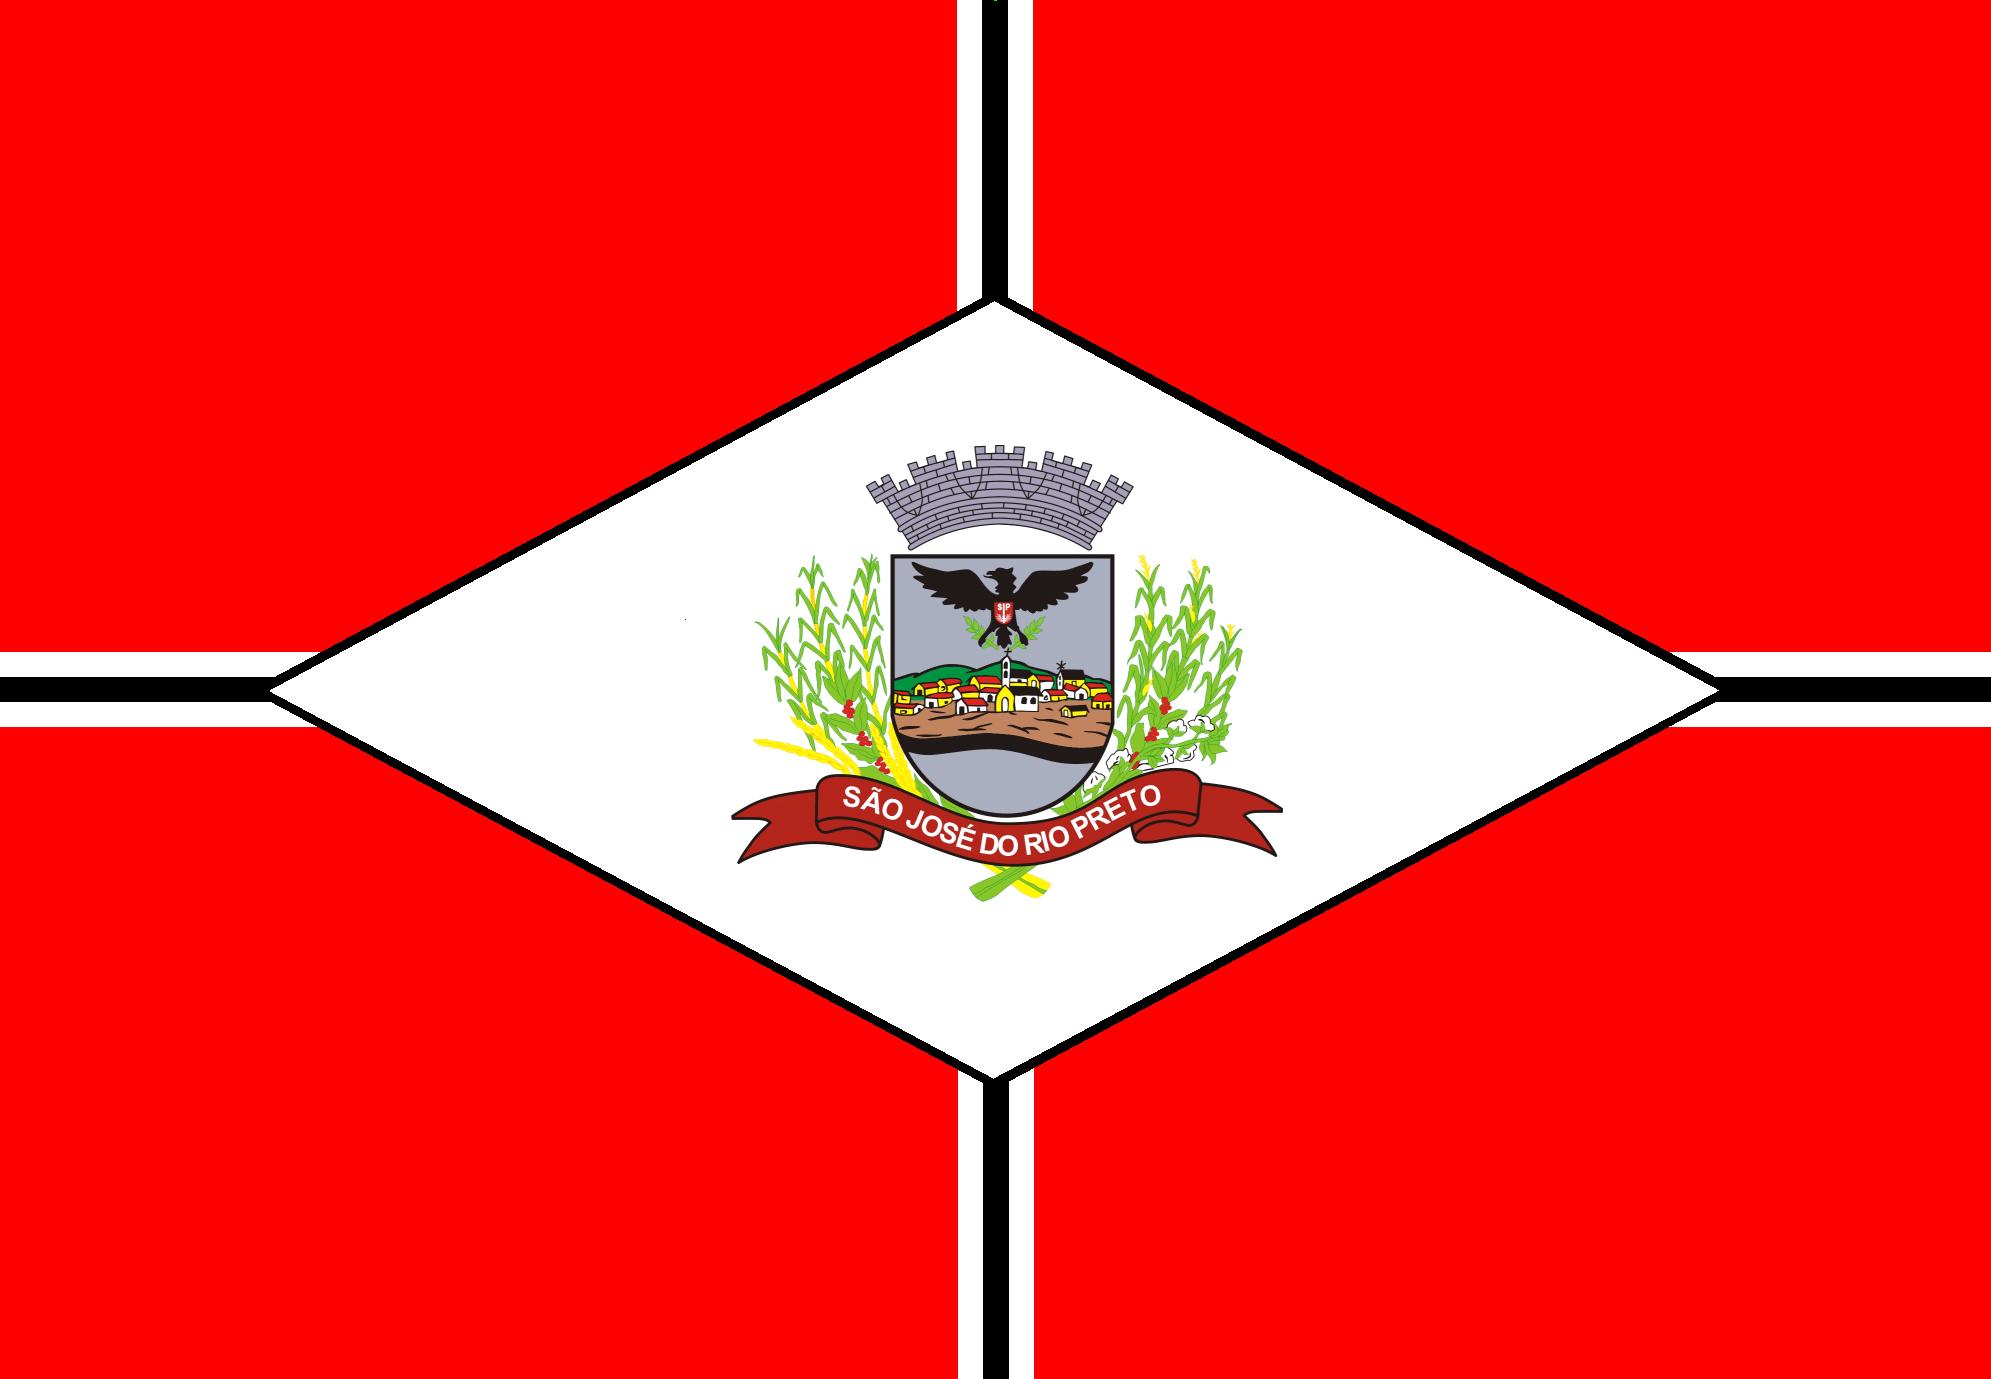 IPTU São José do Rio Preto 2022